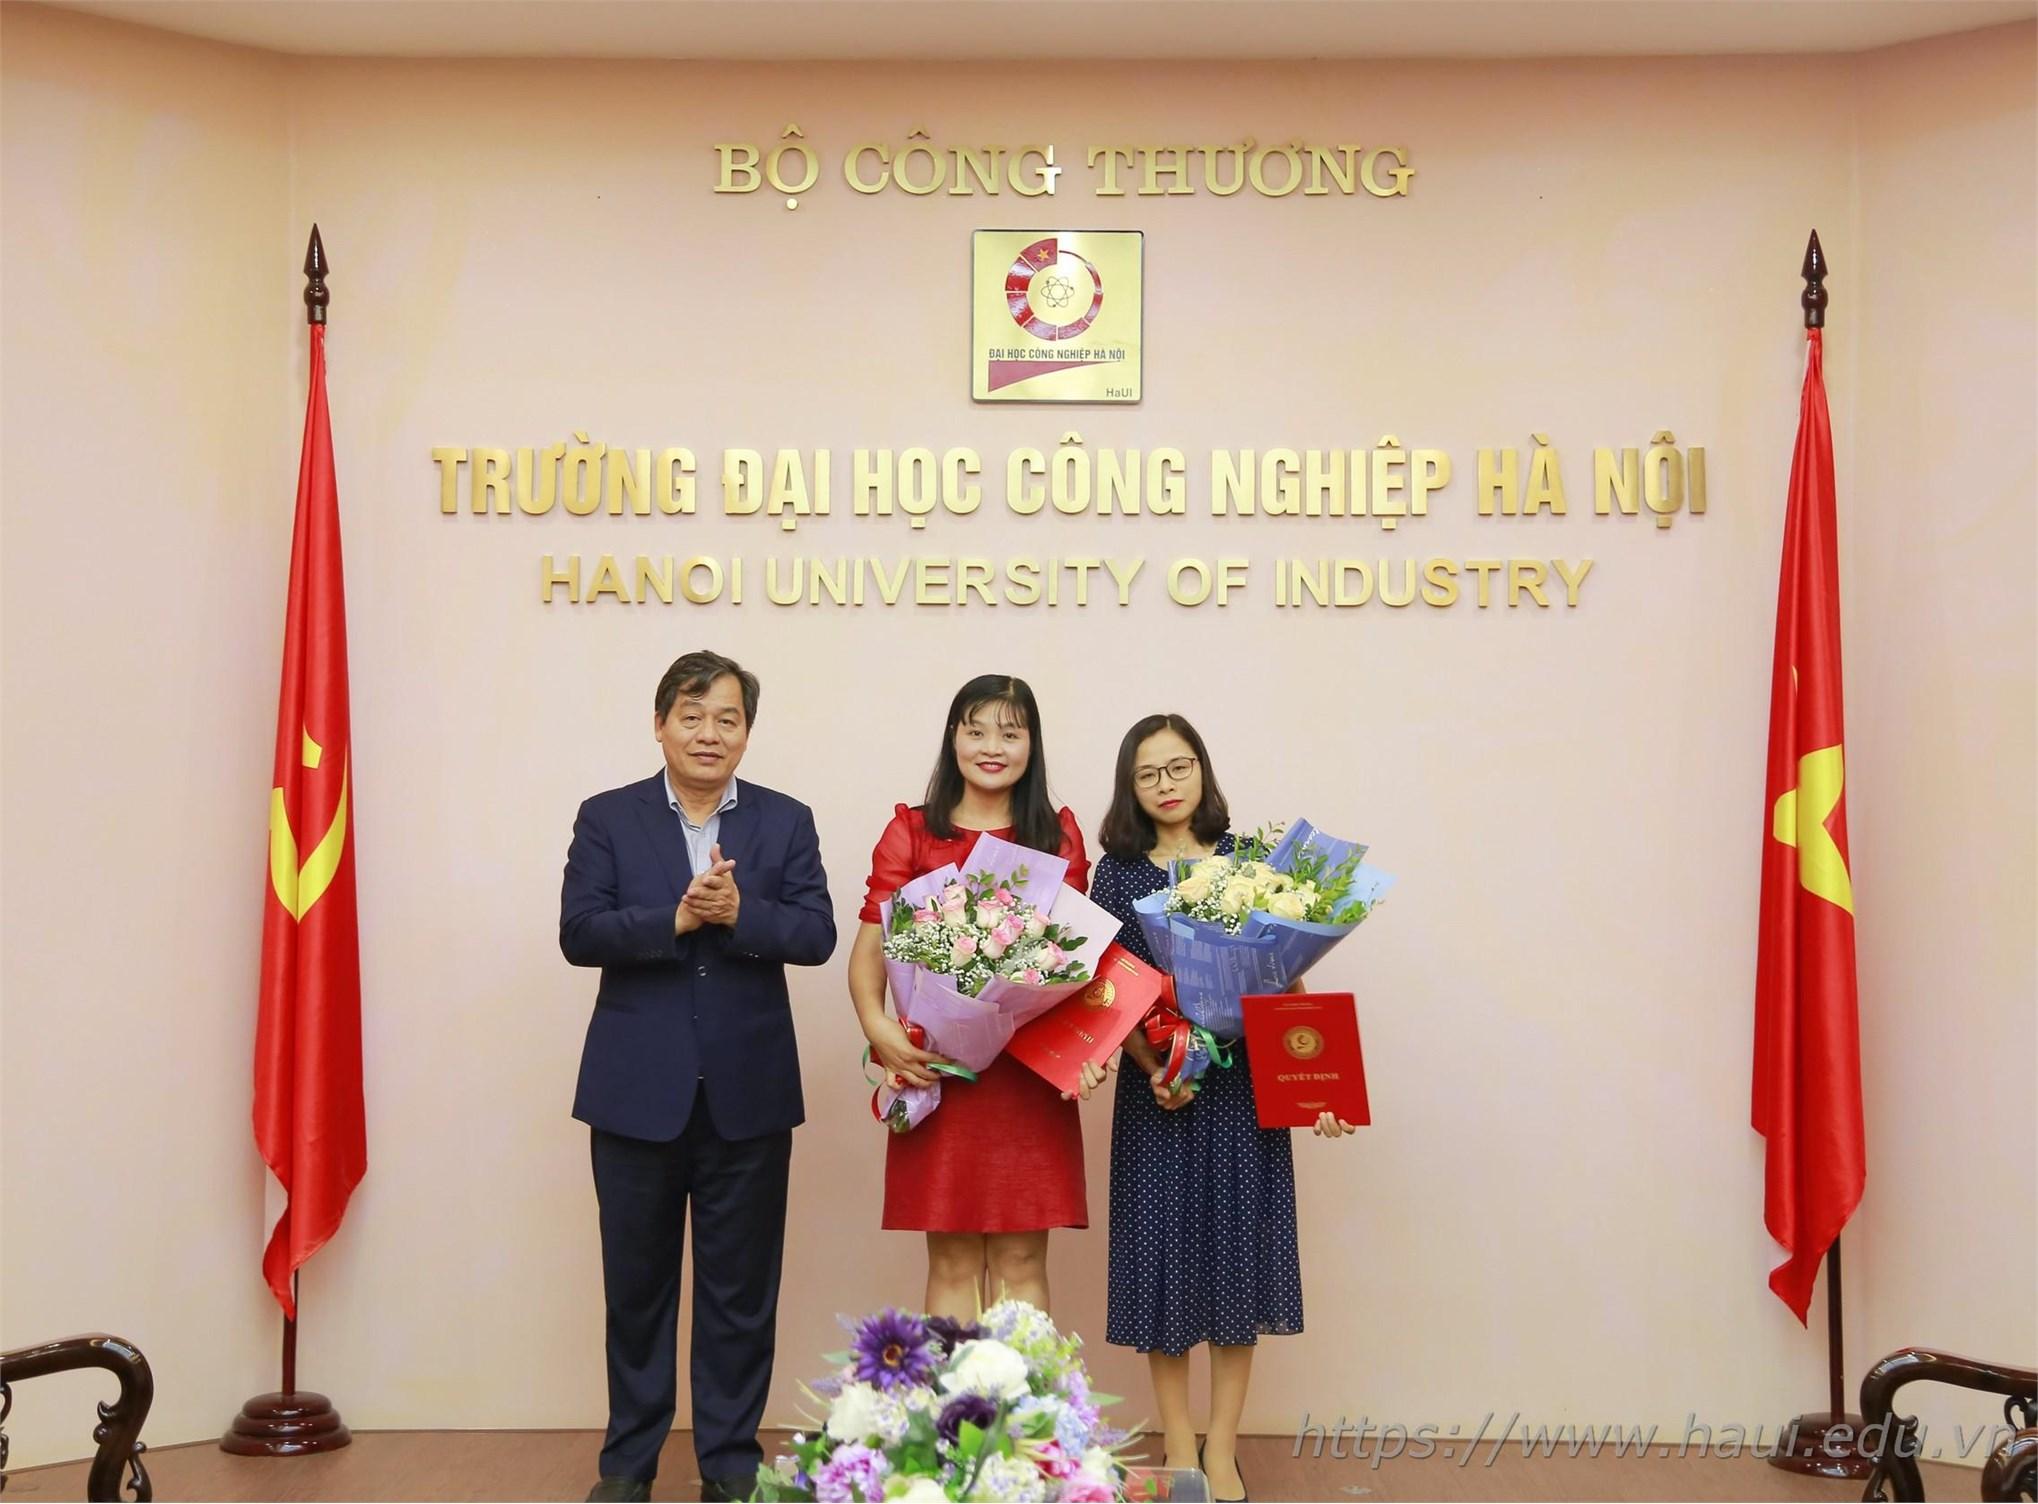 Trao quyết định bổ nhiệm phó trưởng khoa cho TS Trương Thanh Hằng